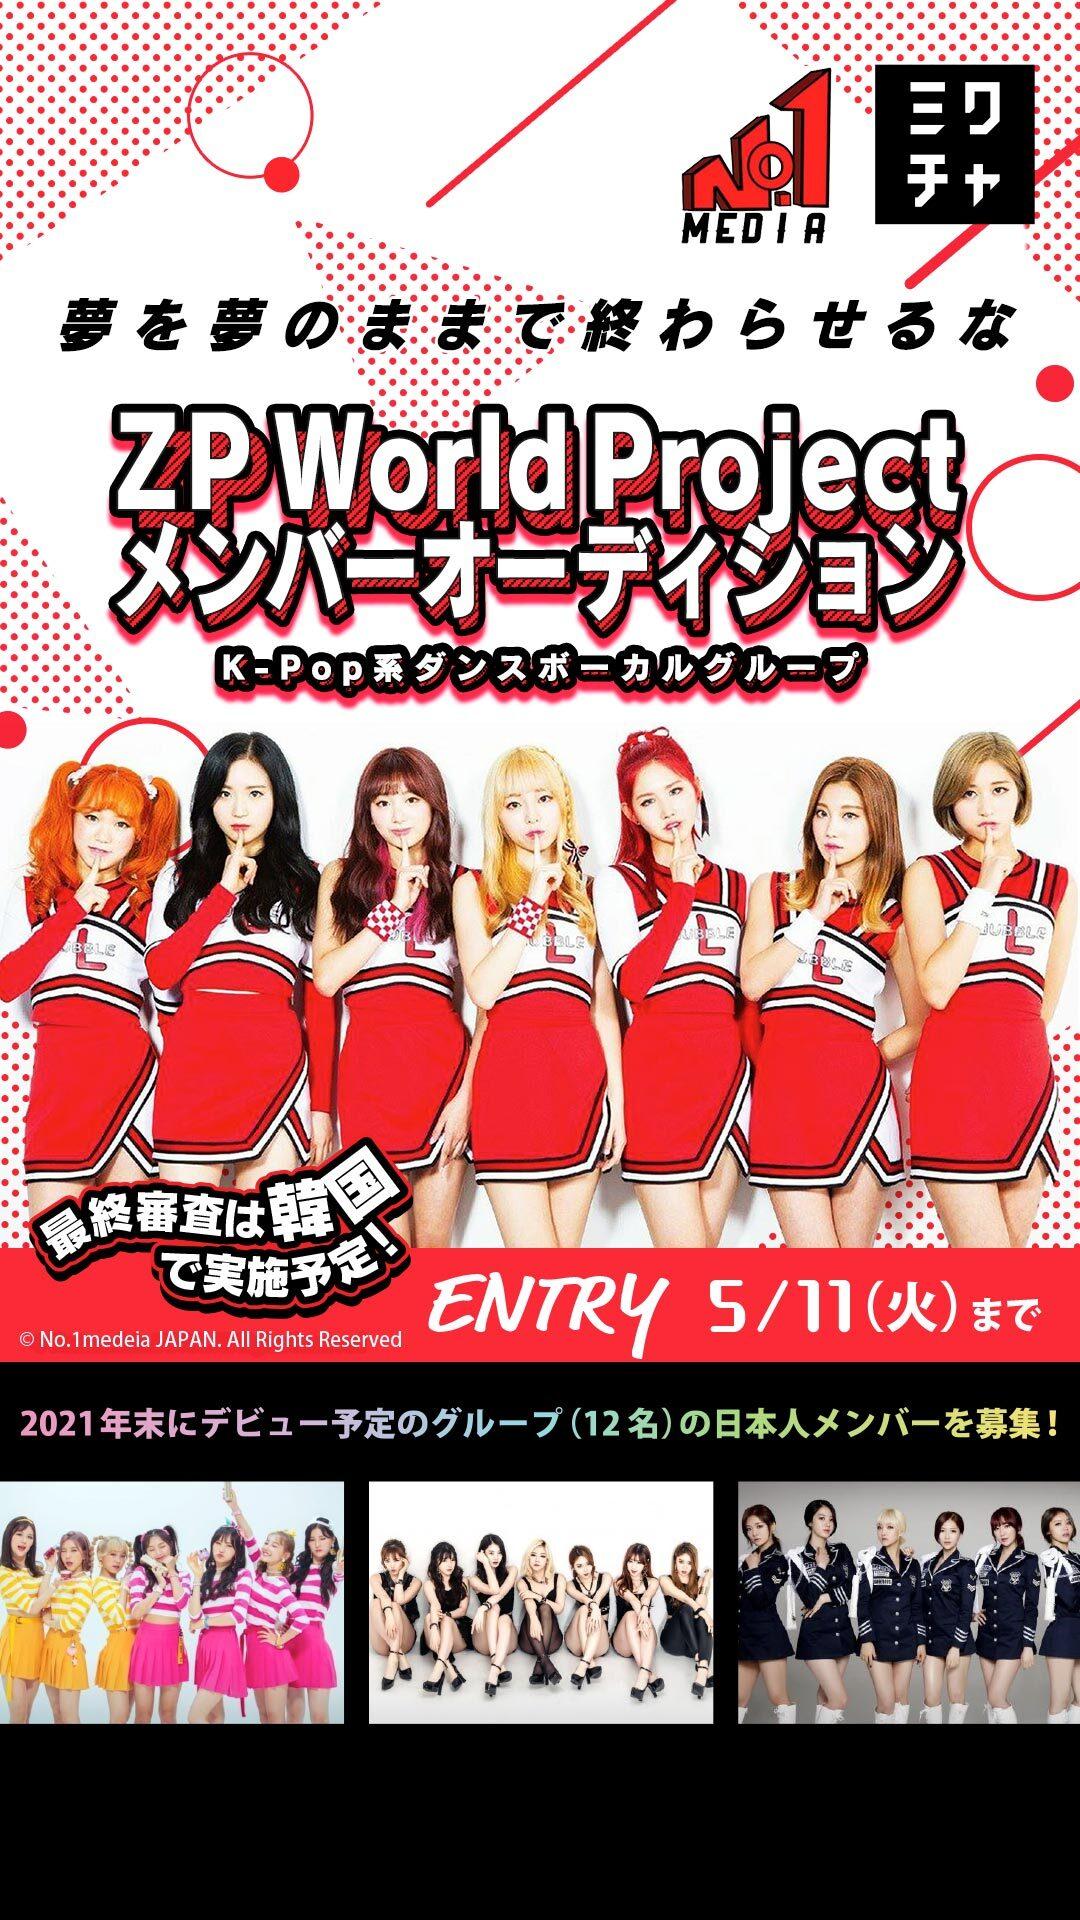 オーディション [ZP World Project]K-POPオーディション 2021年末デビュー予定のK-POPガールズグループ日本人メンバー募集 主催:N o1メディア株式会社、カテゴリ:アイドル(本格派)